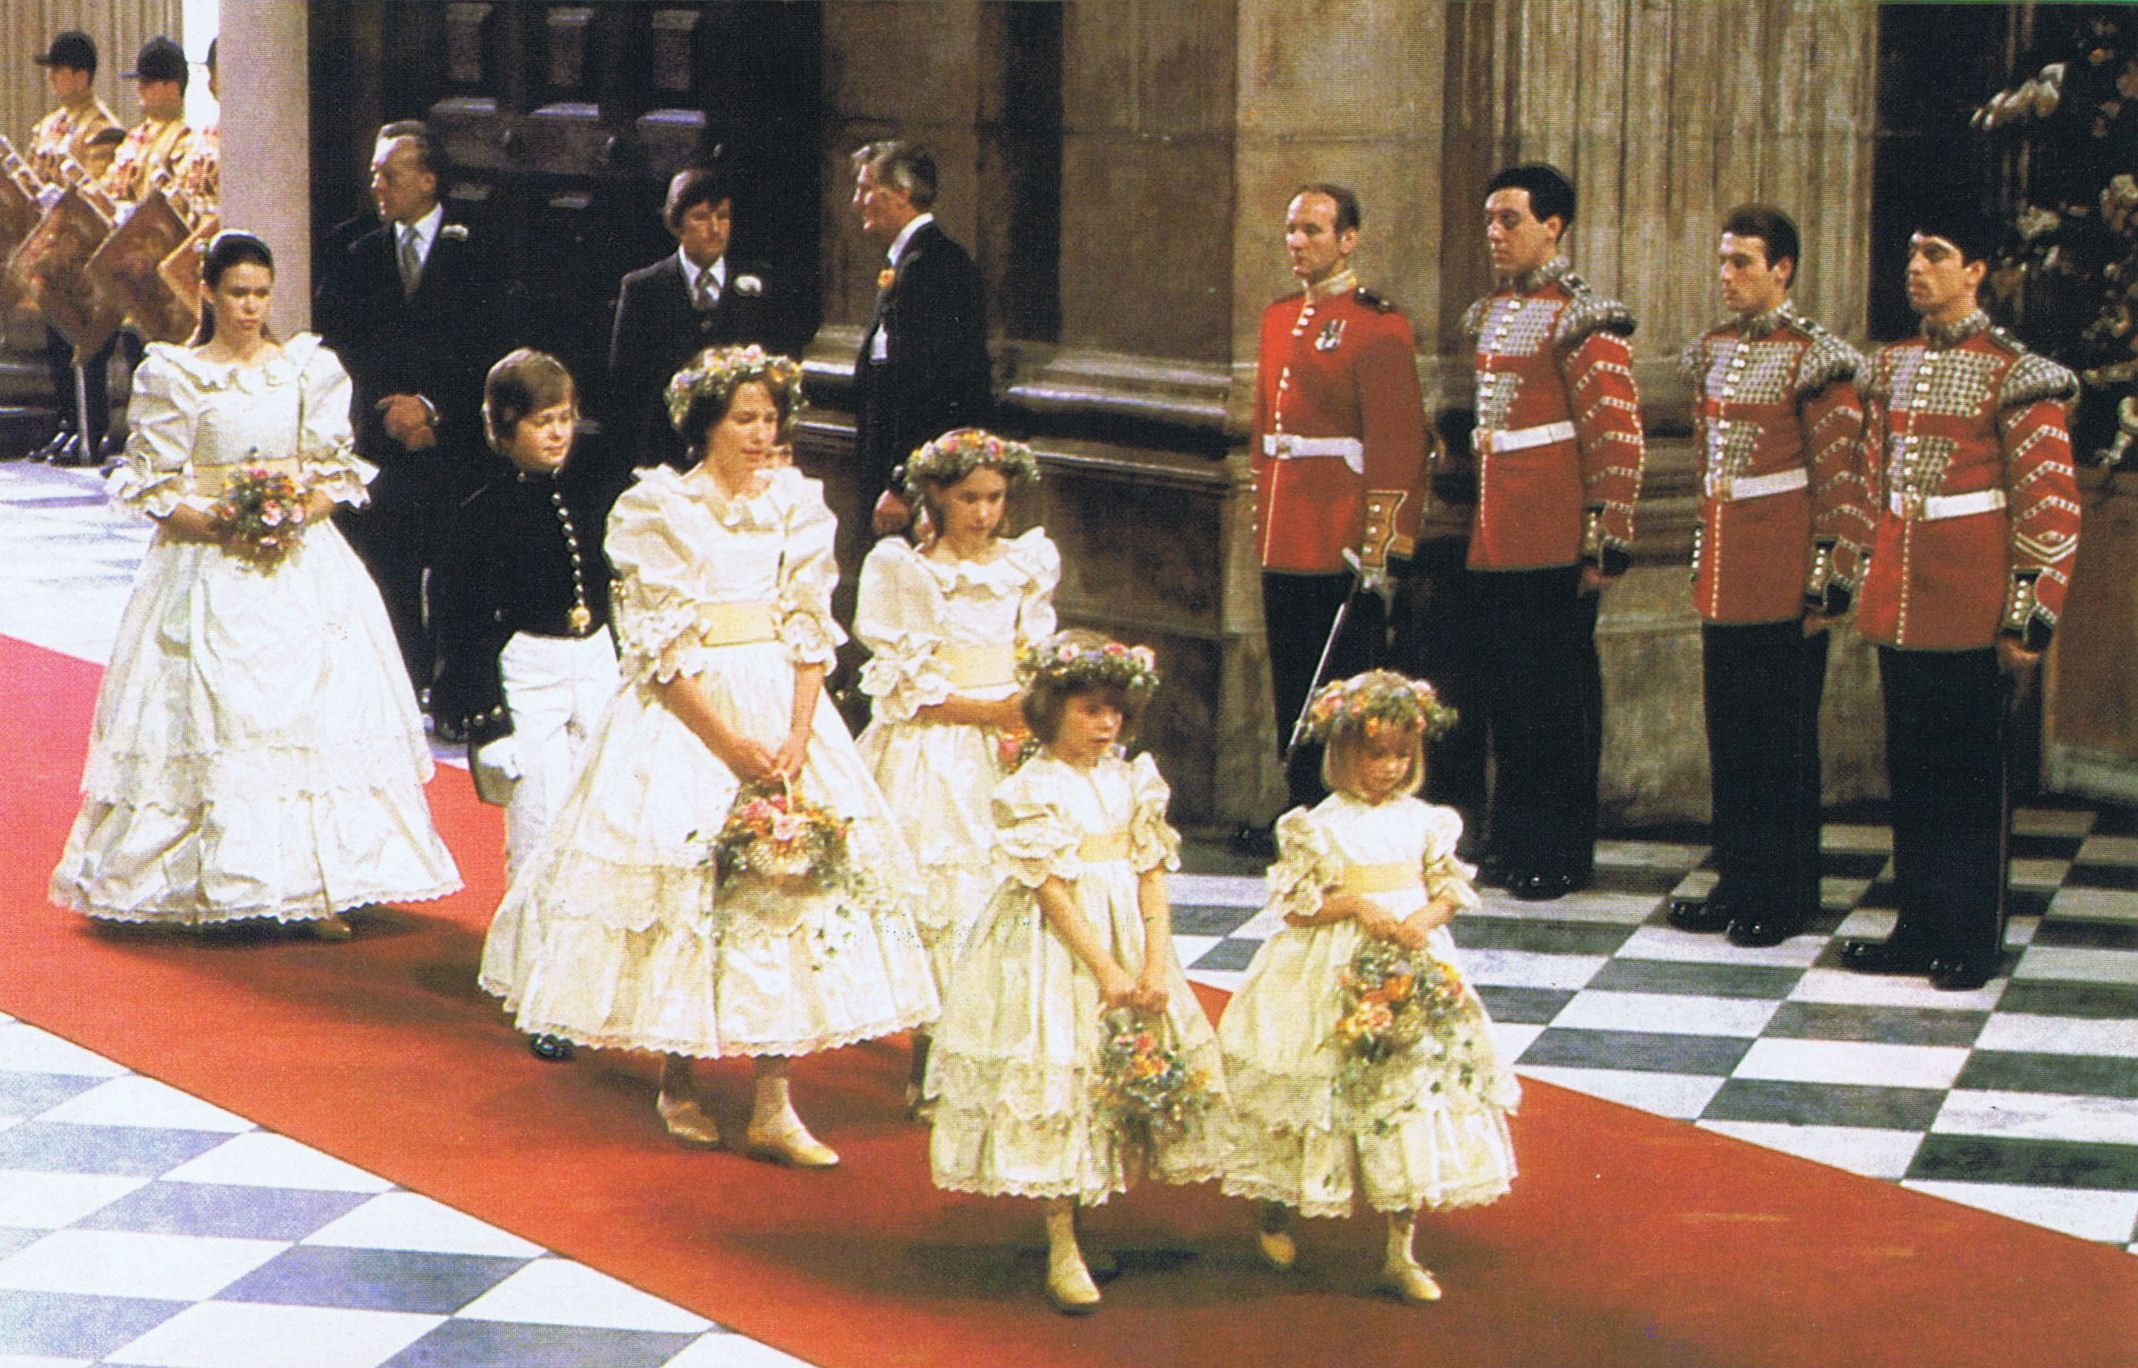 Cameron and dina wedding